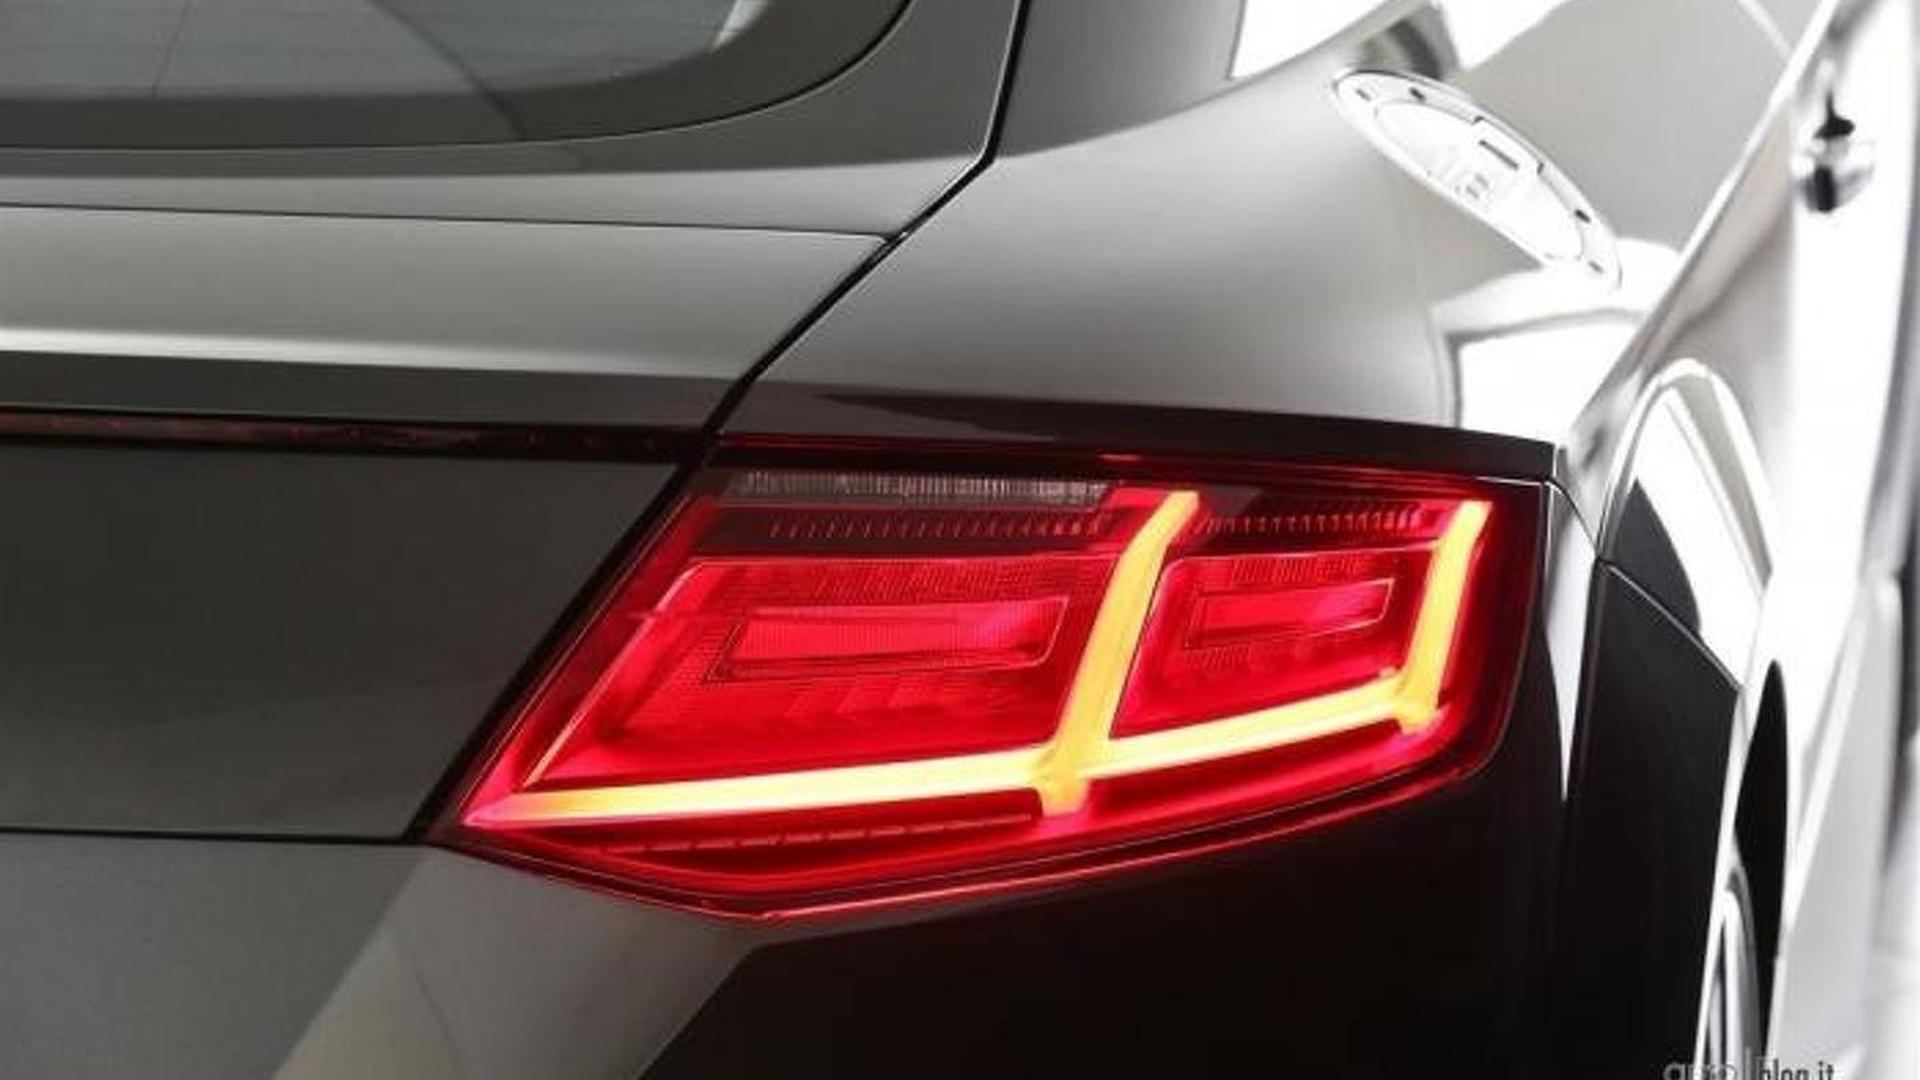 Задние фонари Audi TT Nuvolari